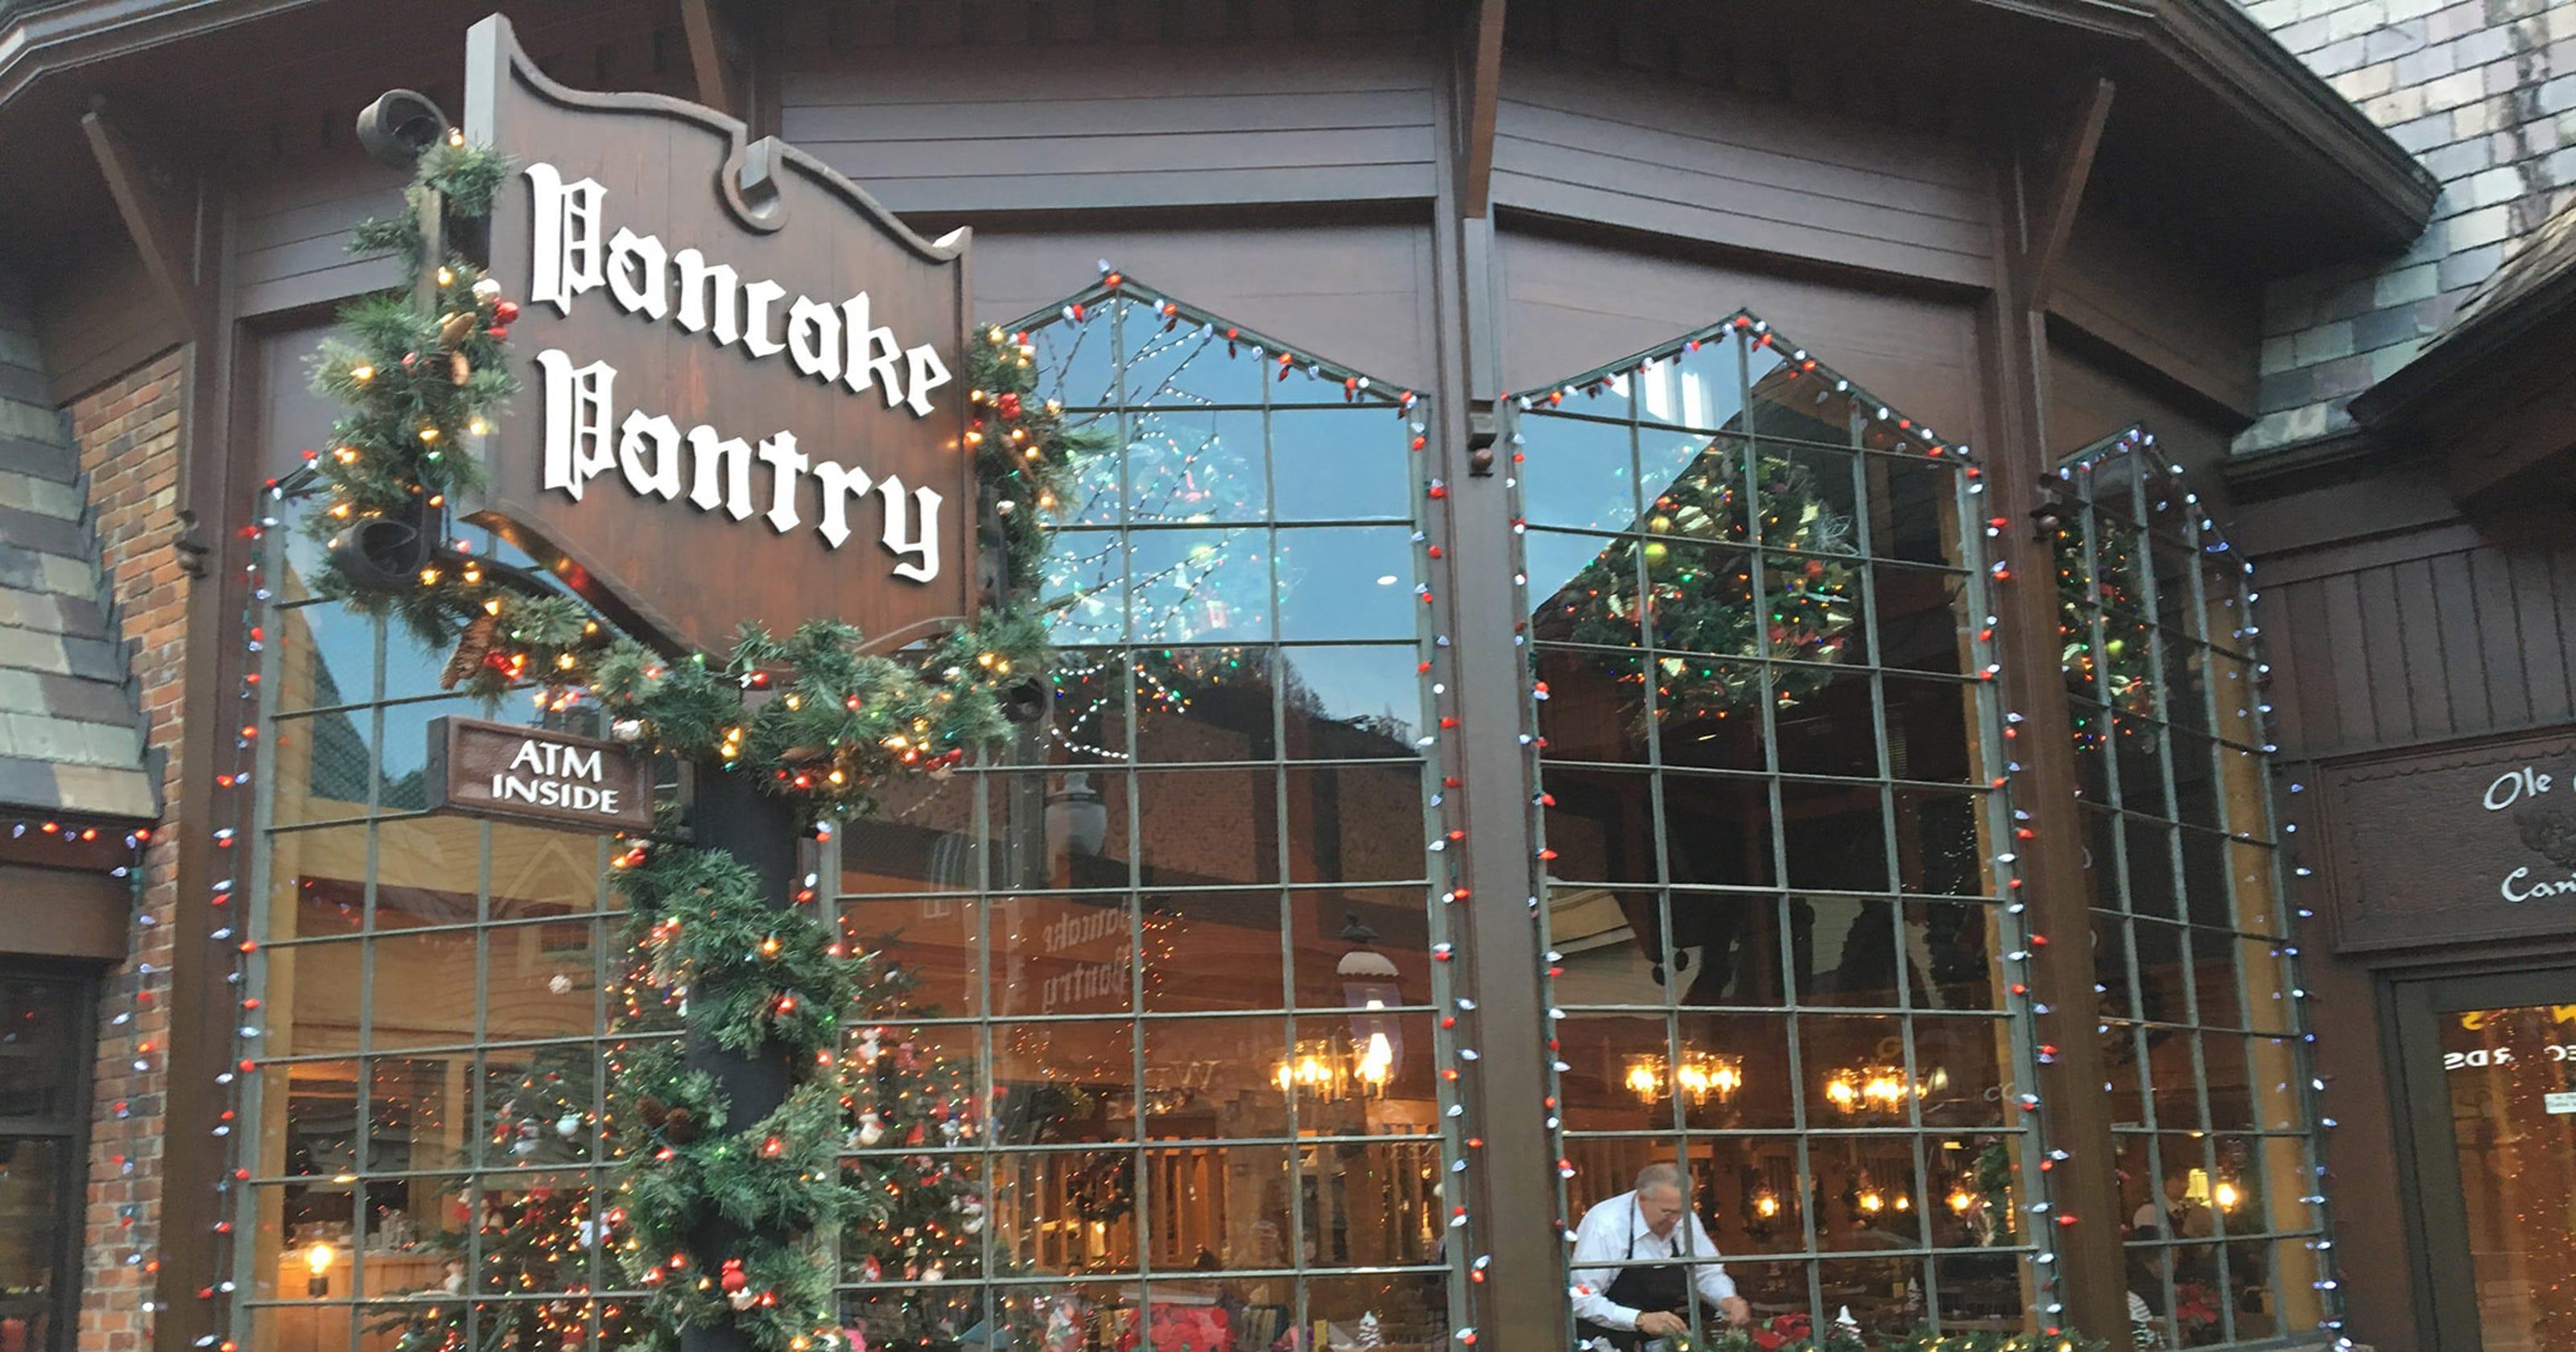 Gatlinburg welcomes visitors back after wildfire